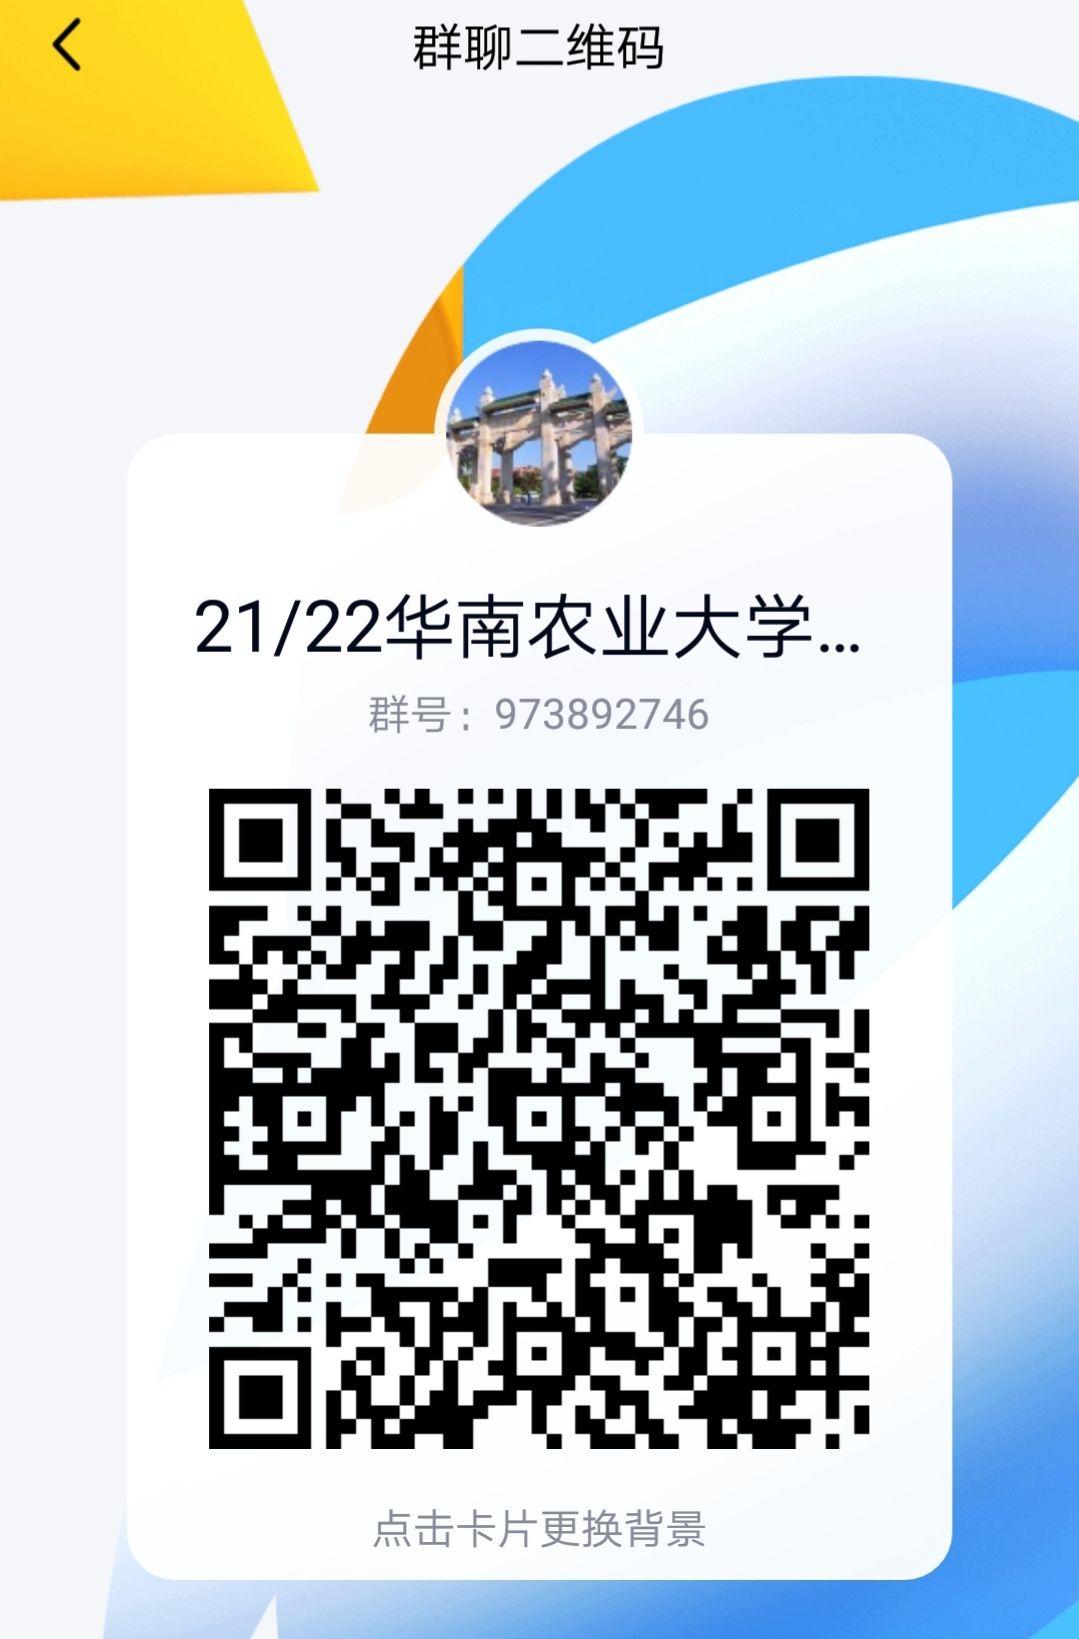 IMG_690C326DA63B66030B7DB388A2B963.jpeg